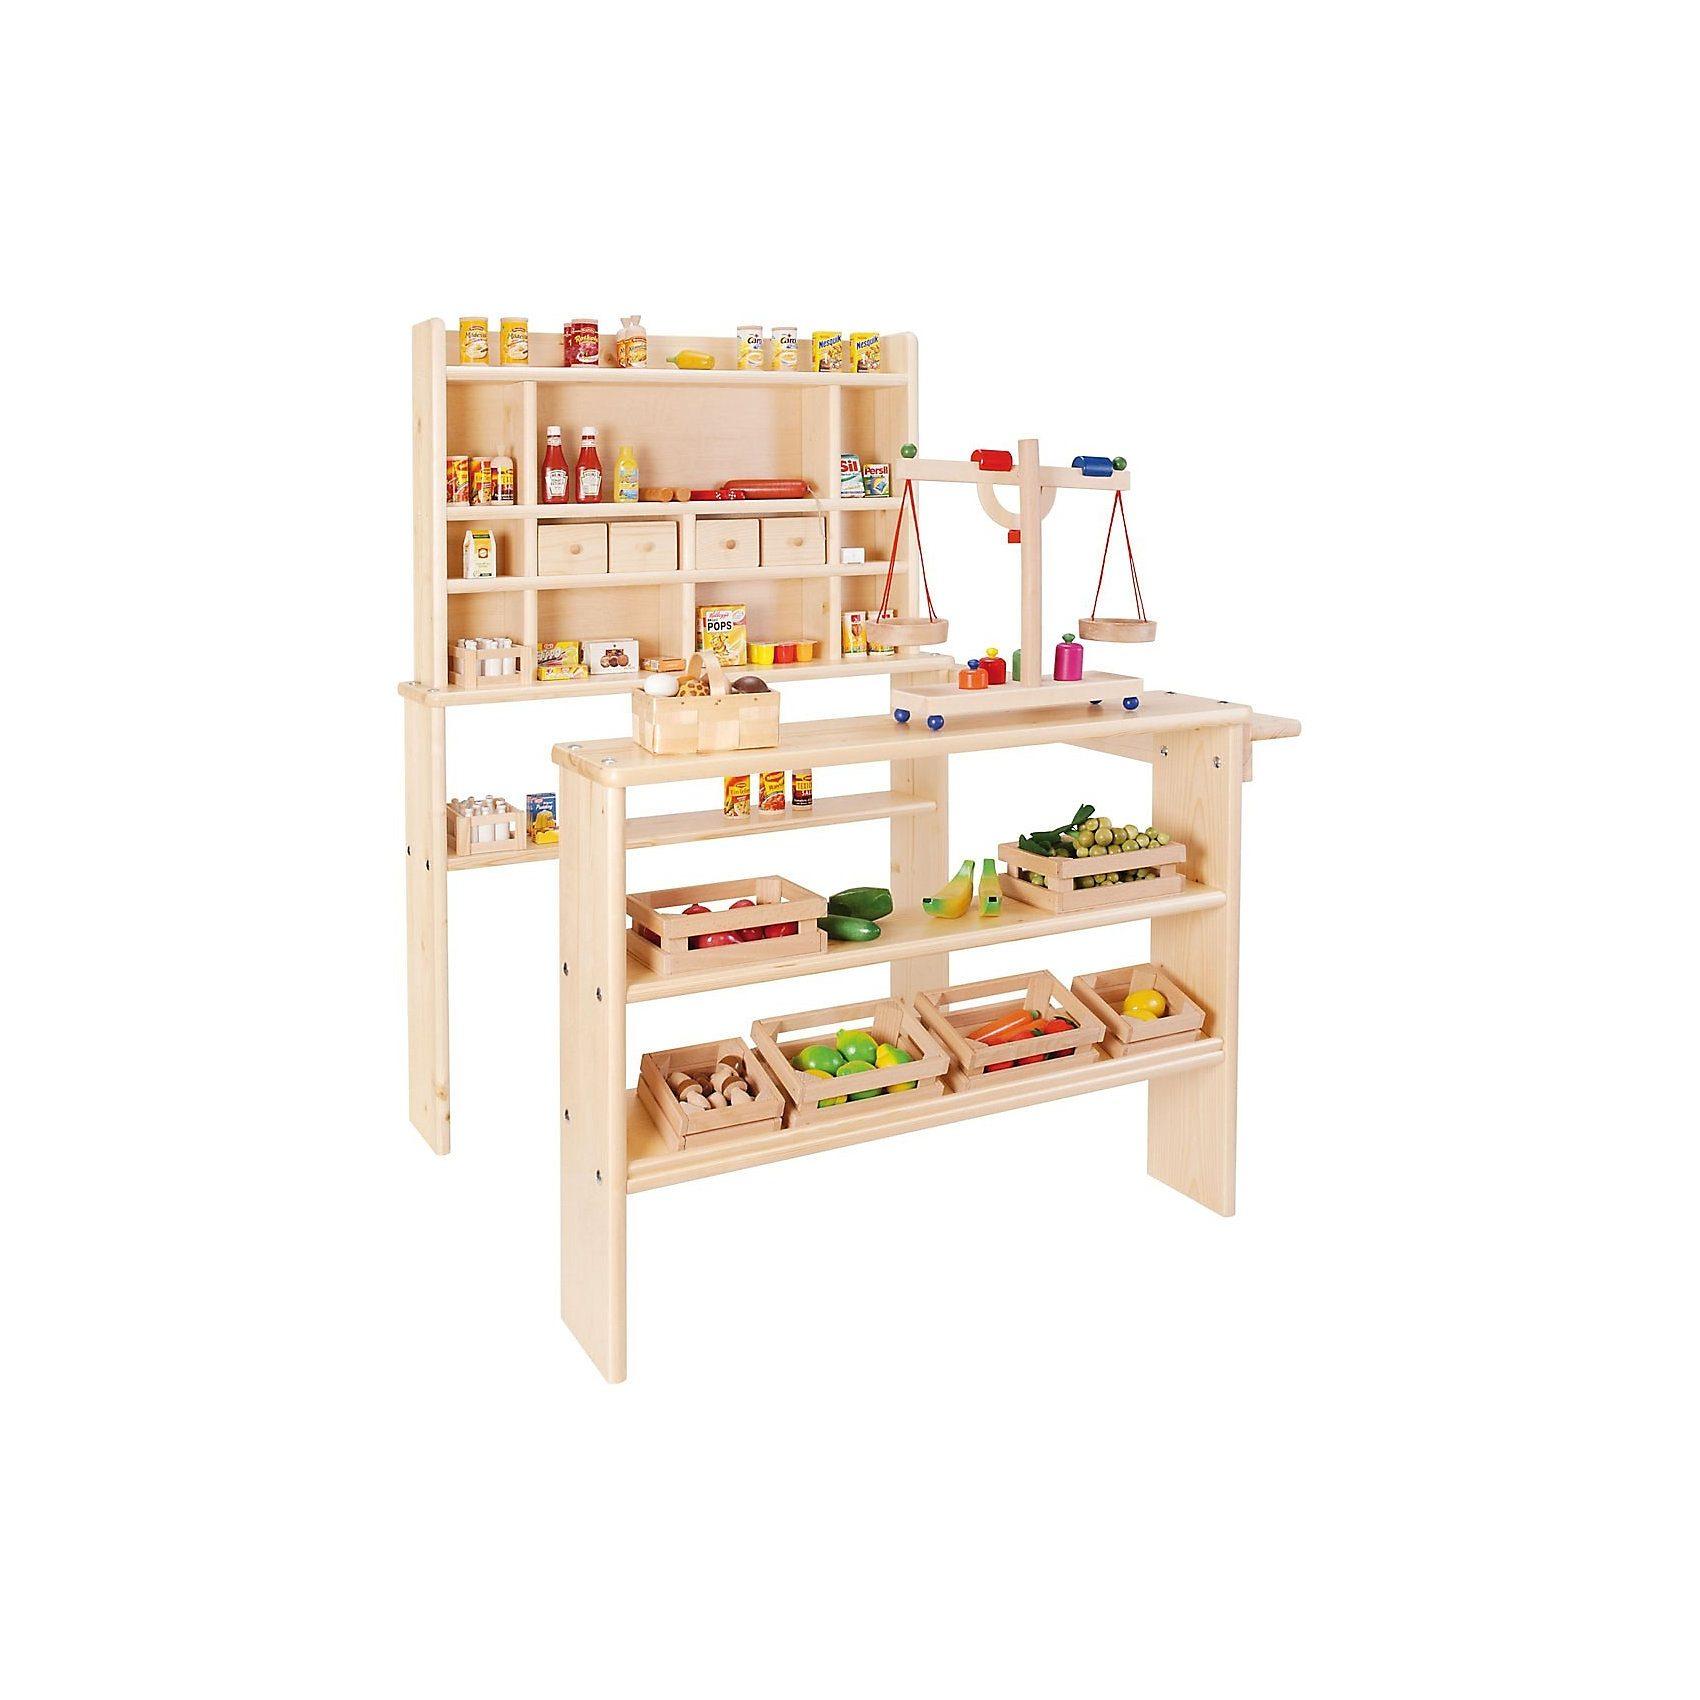 Nemmer Kaufladen, Holz